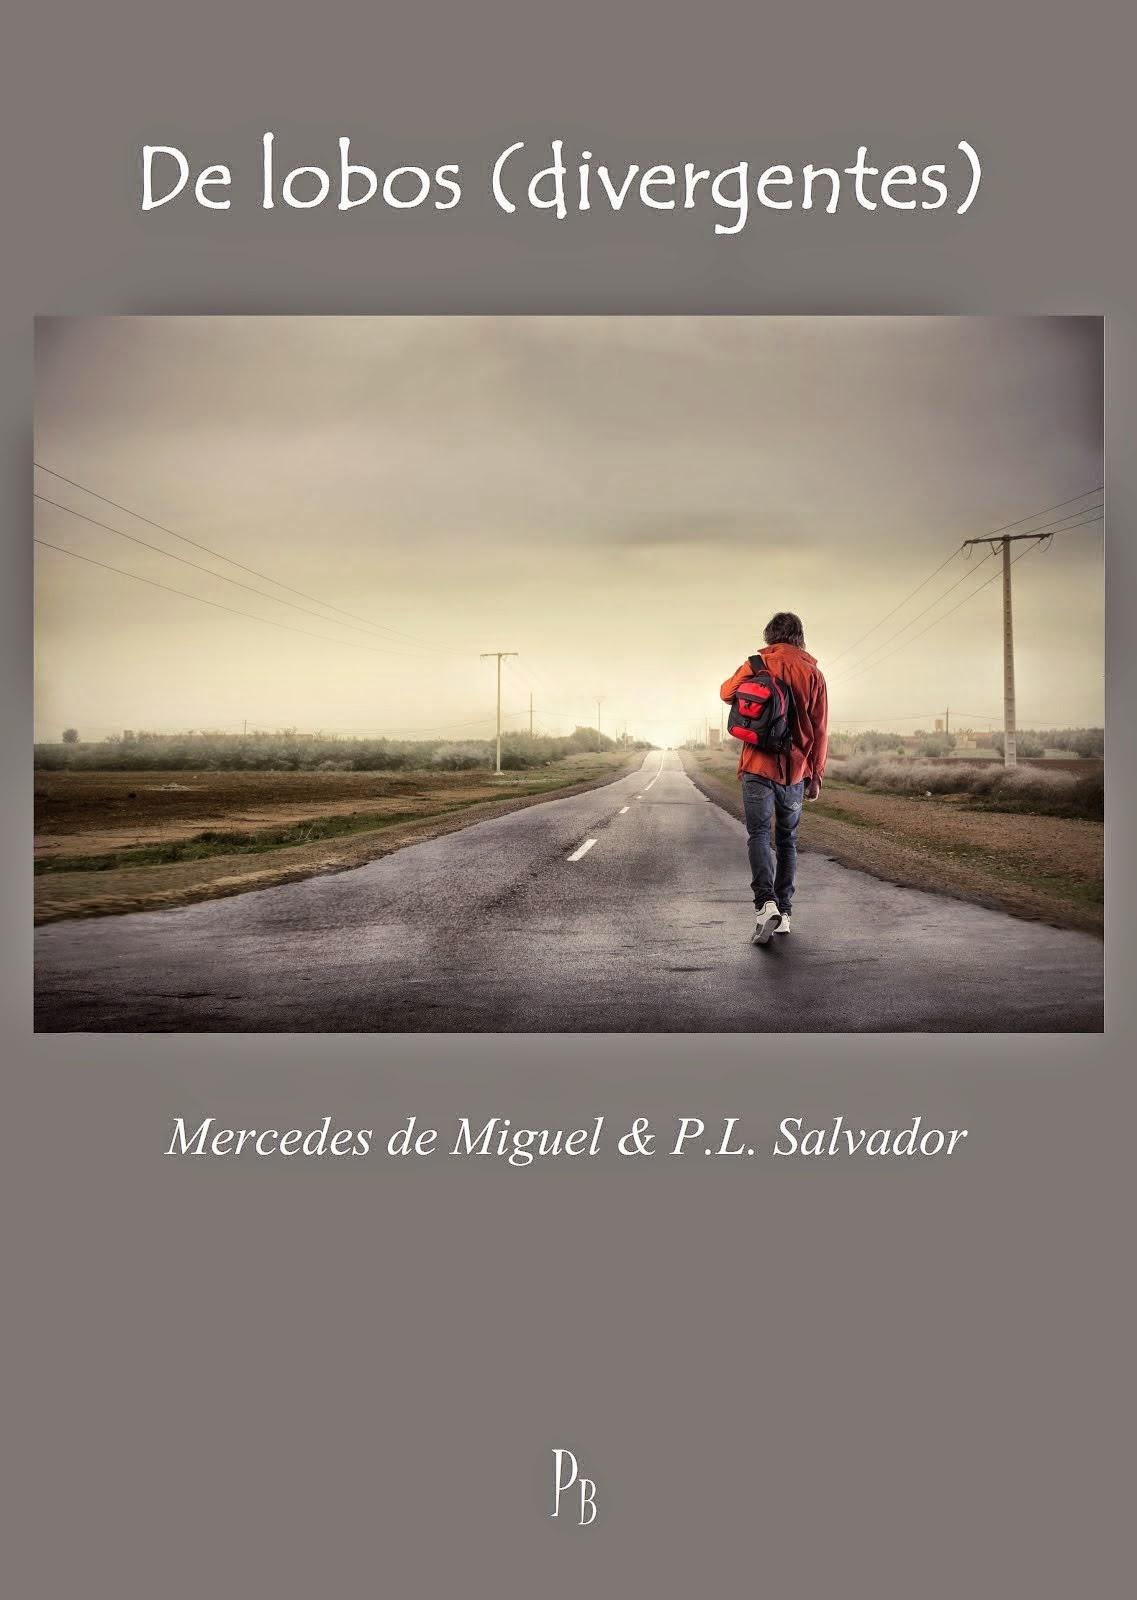 De lobos (Divergentes) - Mercedes de Miguel & P.L. Salvador (2014)